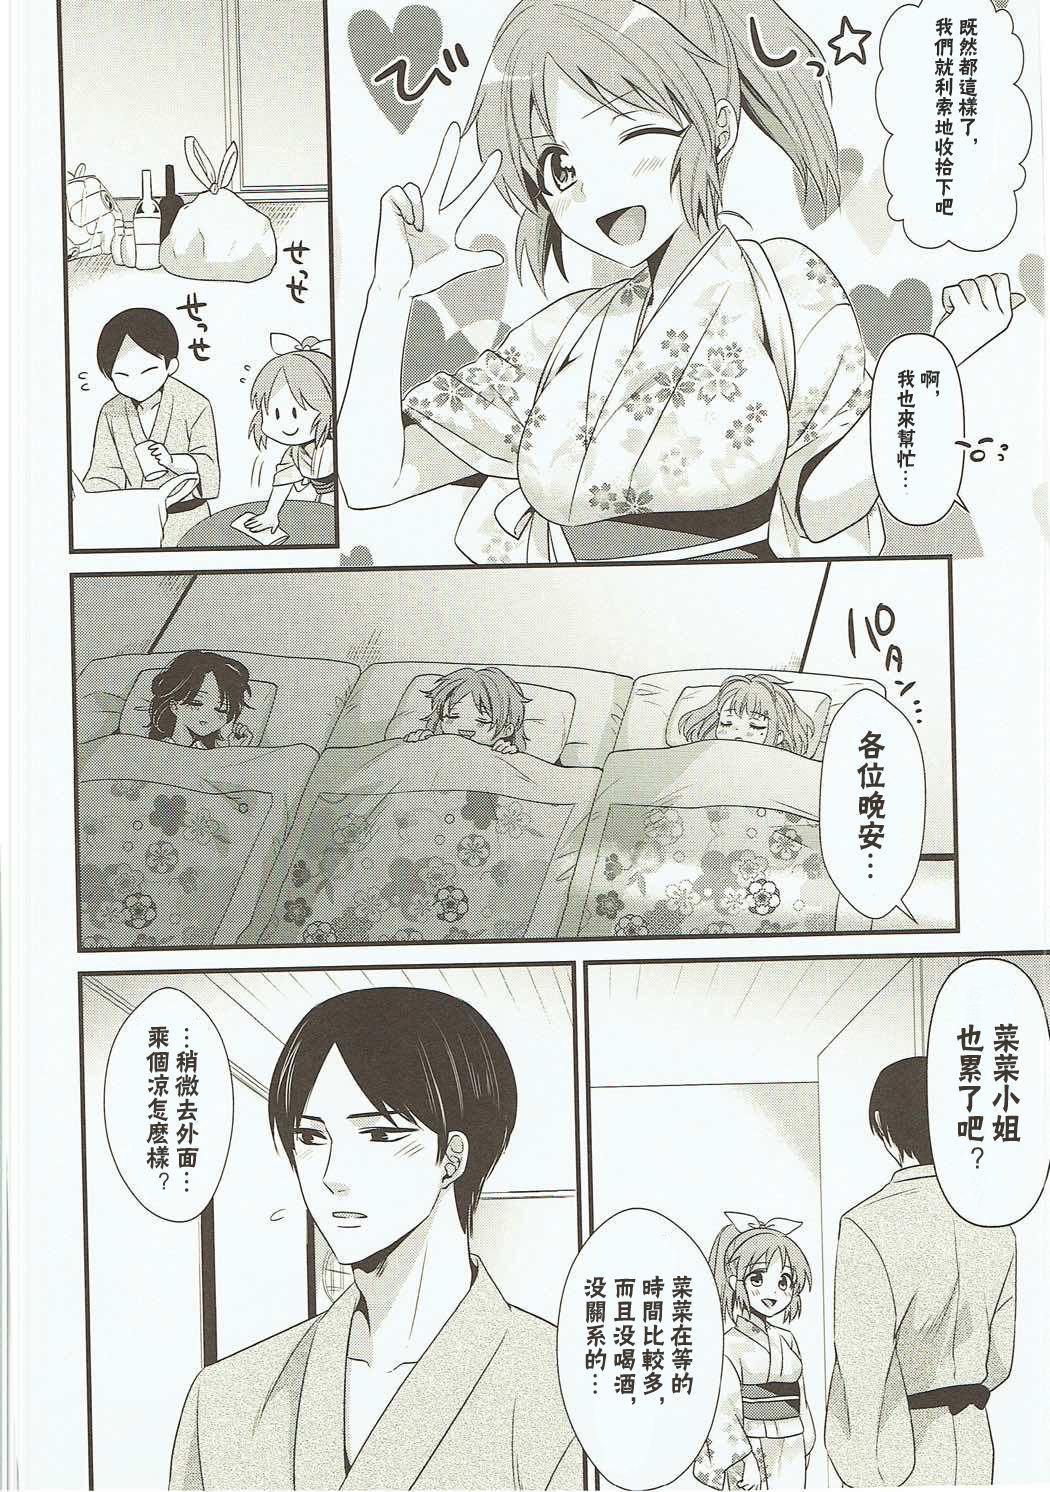 Boku no Nana-san wa Horoyoi Koyoi 5